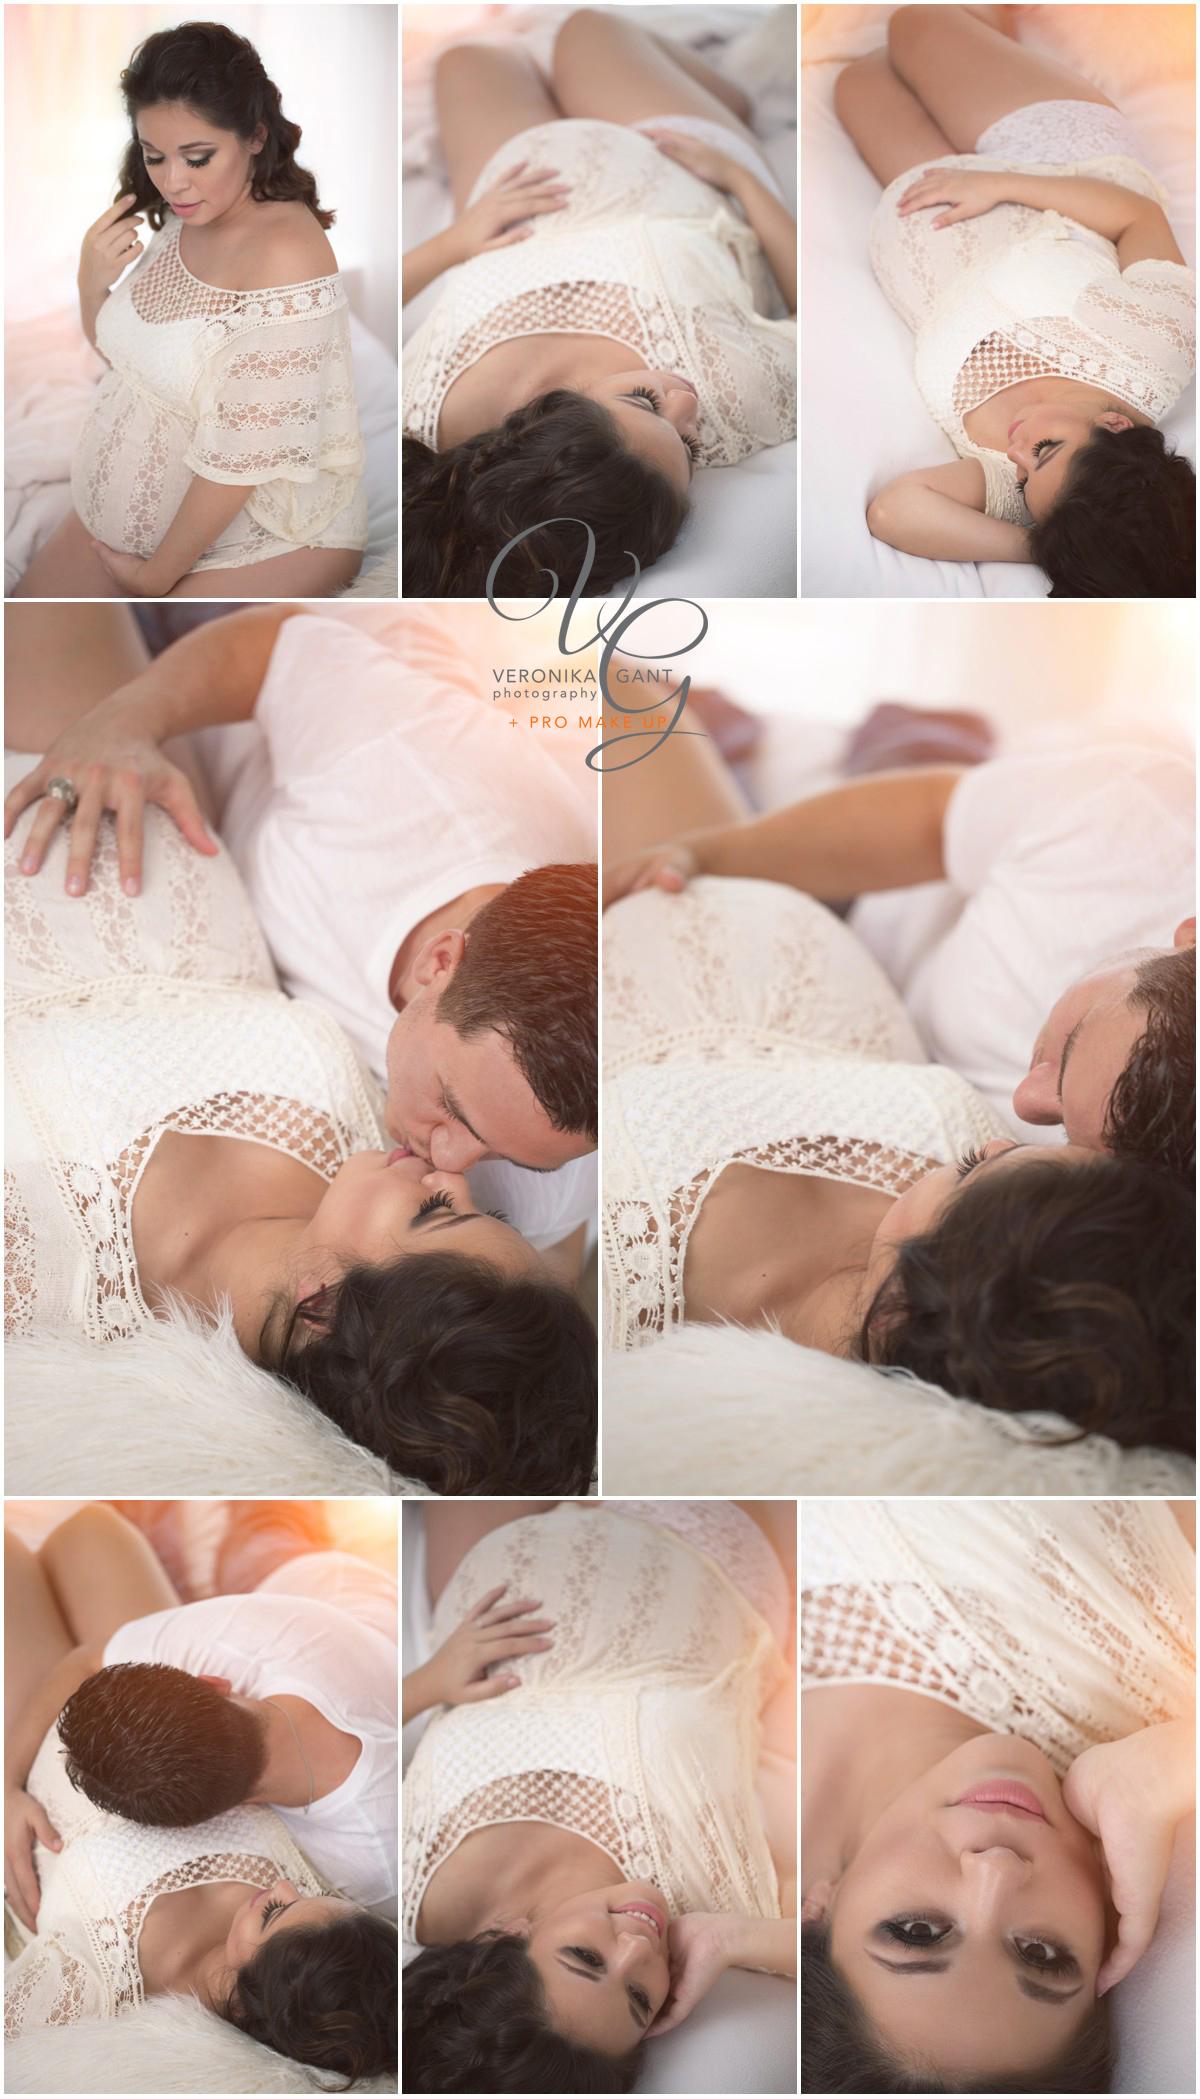 Veronika Gant Photography Maternity Photoshoot of Jennifer P.